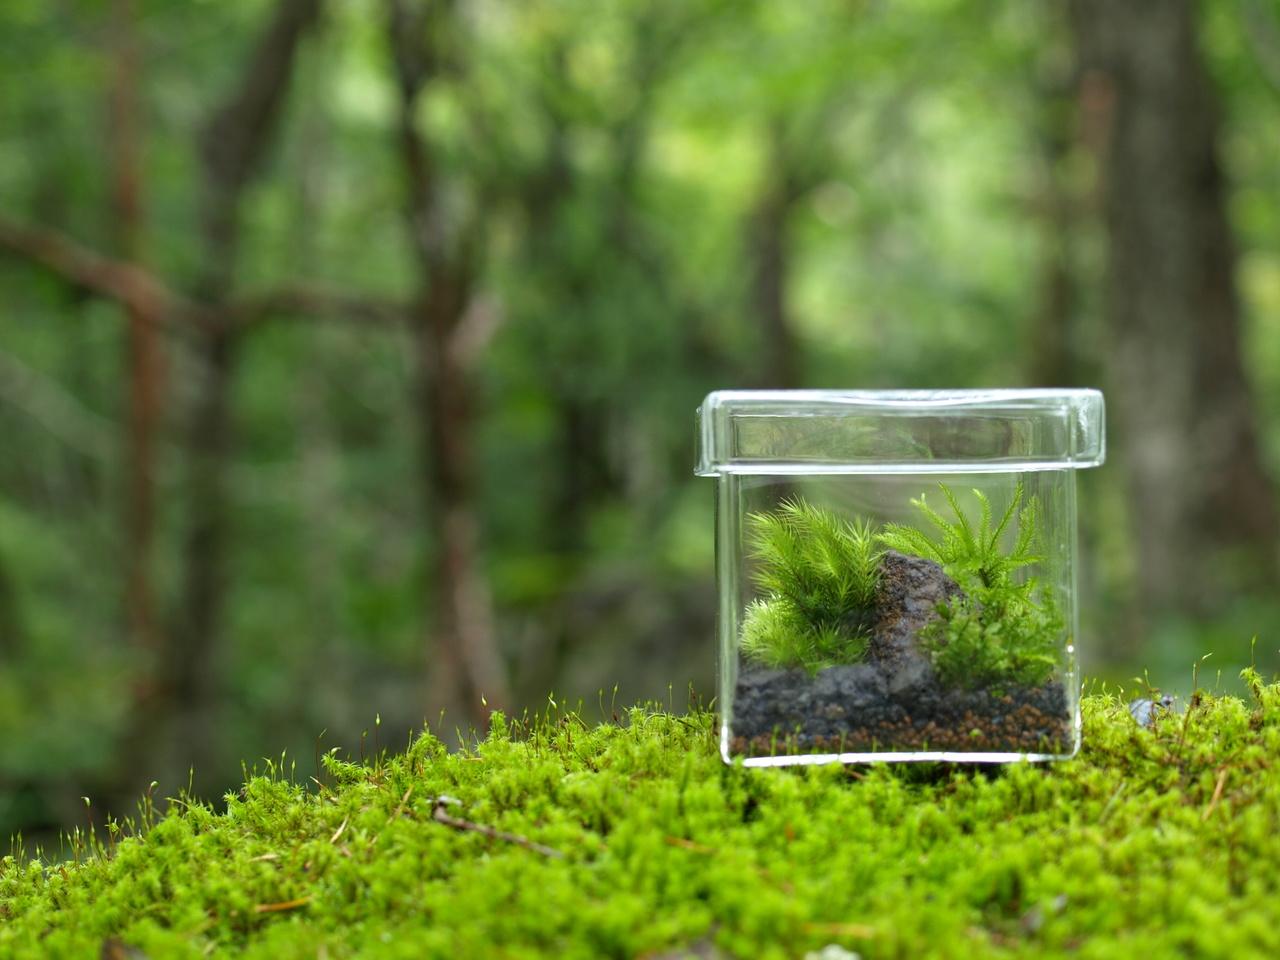 【 KABOLO 】小さな苔の森 苔テラリウムワークショップ 道草〔茅場町〕